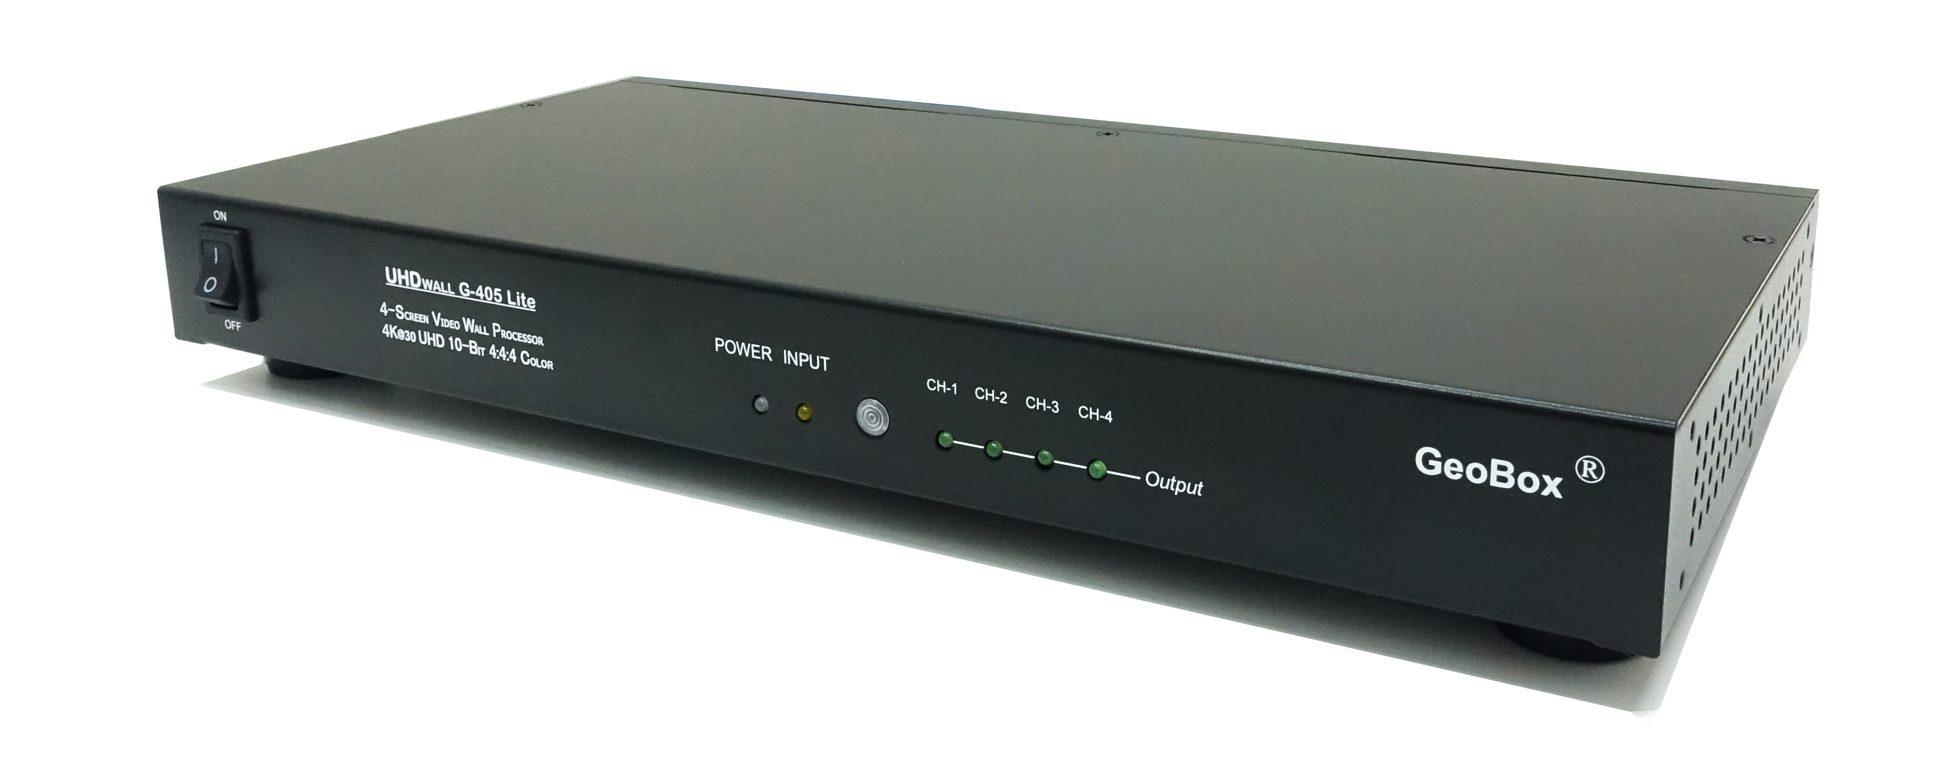 GeoBox G405L